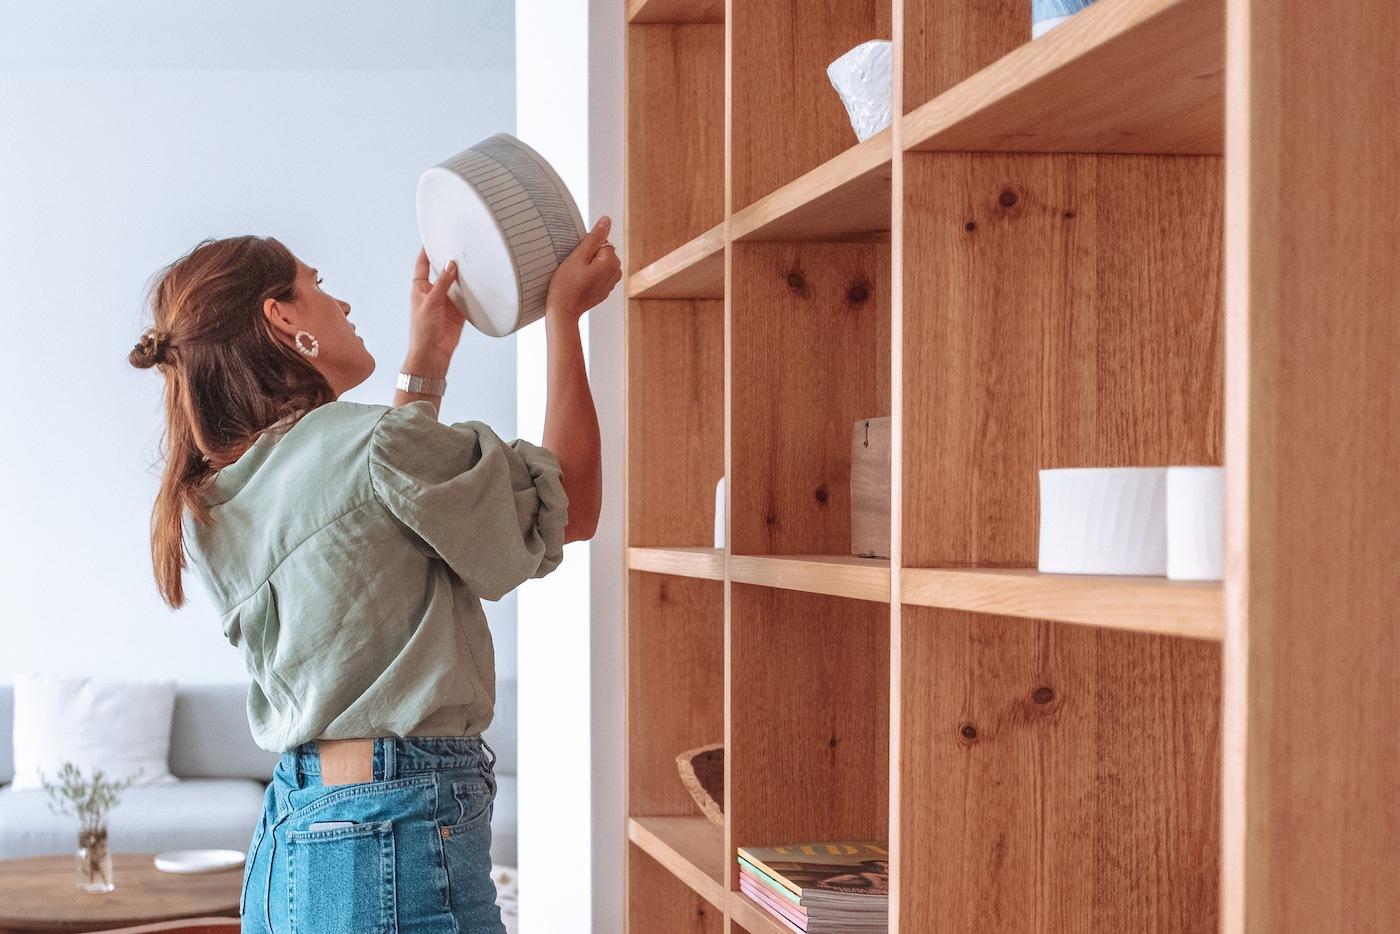 Joana a explorar estante com artigos de decoração